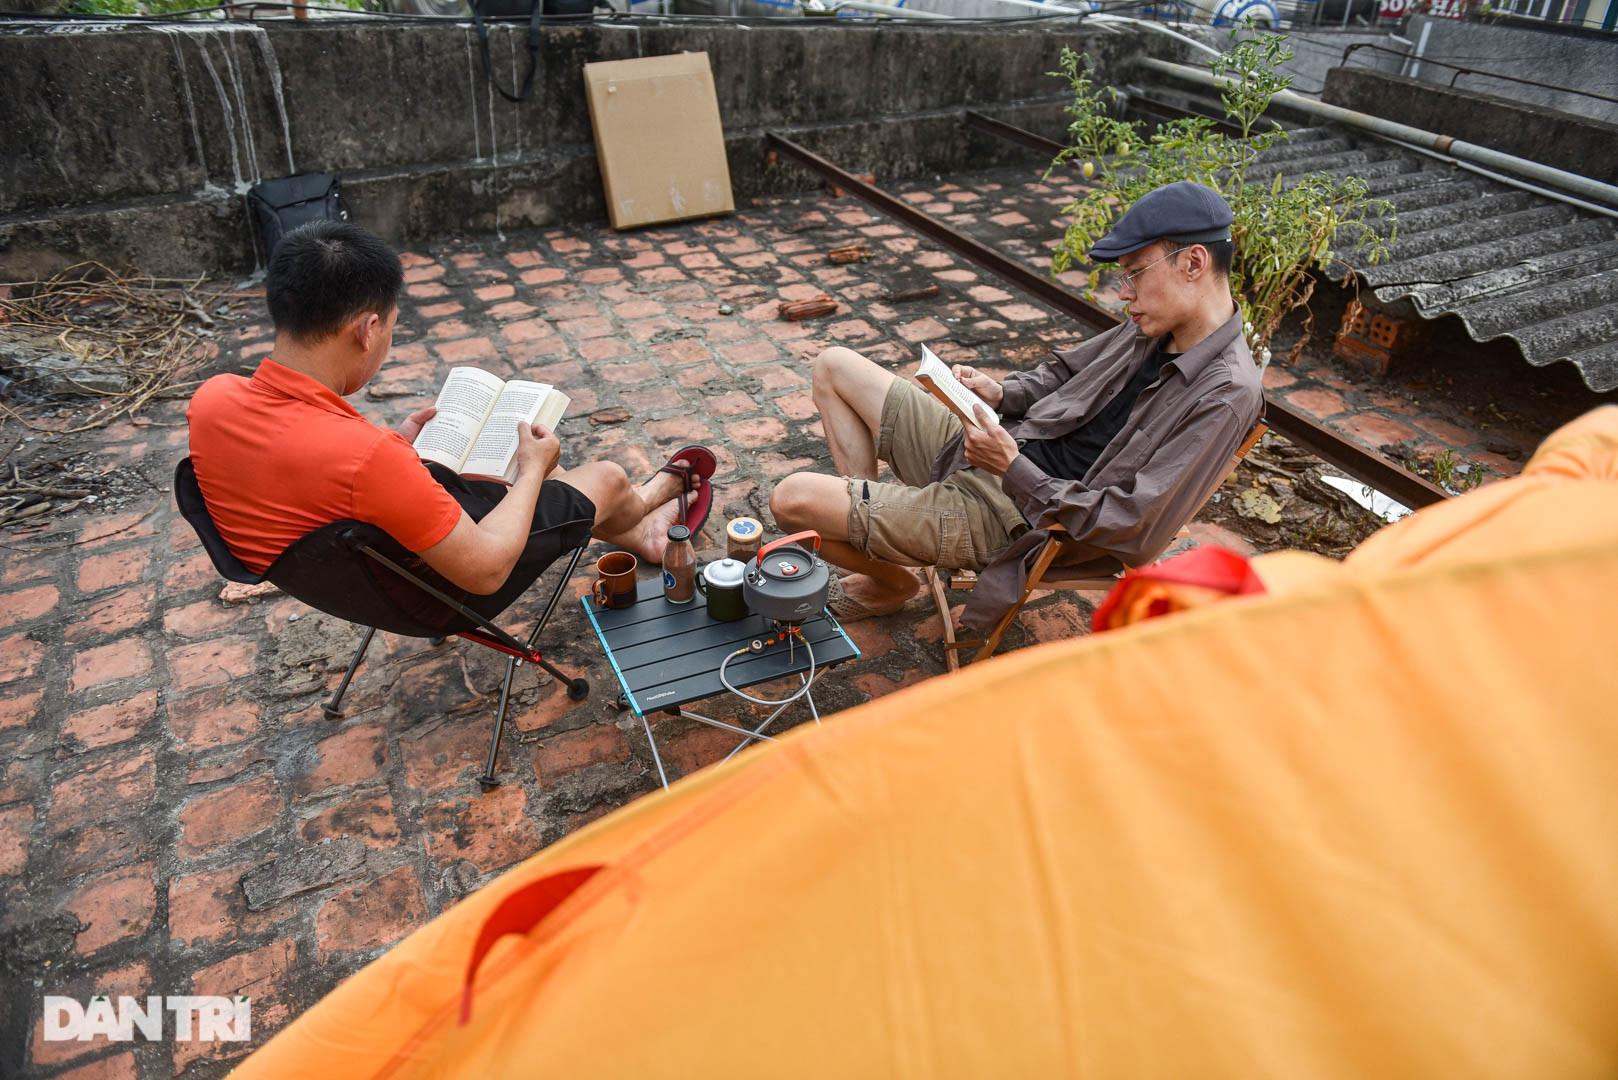 Thèm du lịch, giới trẻ đầu tư cắm trại tại gia: Chỉ ngắm nóc nhà vẫn vui-6